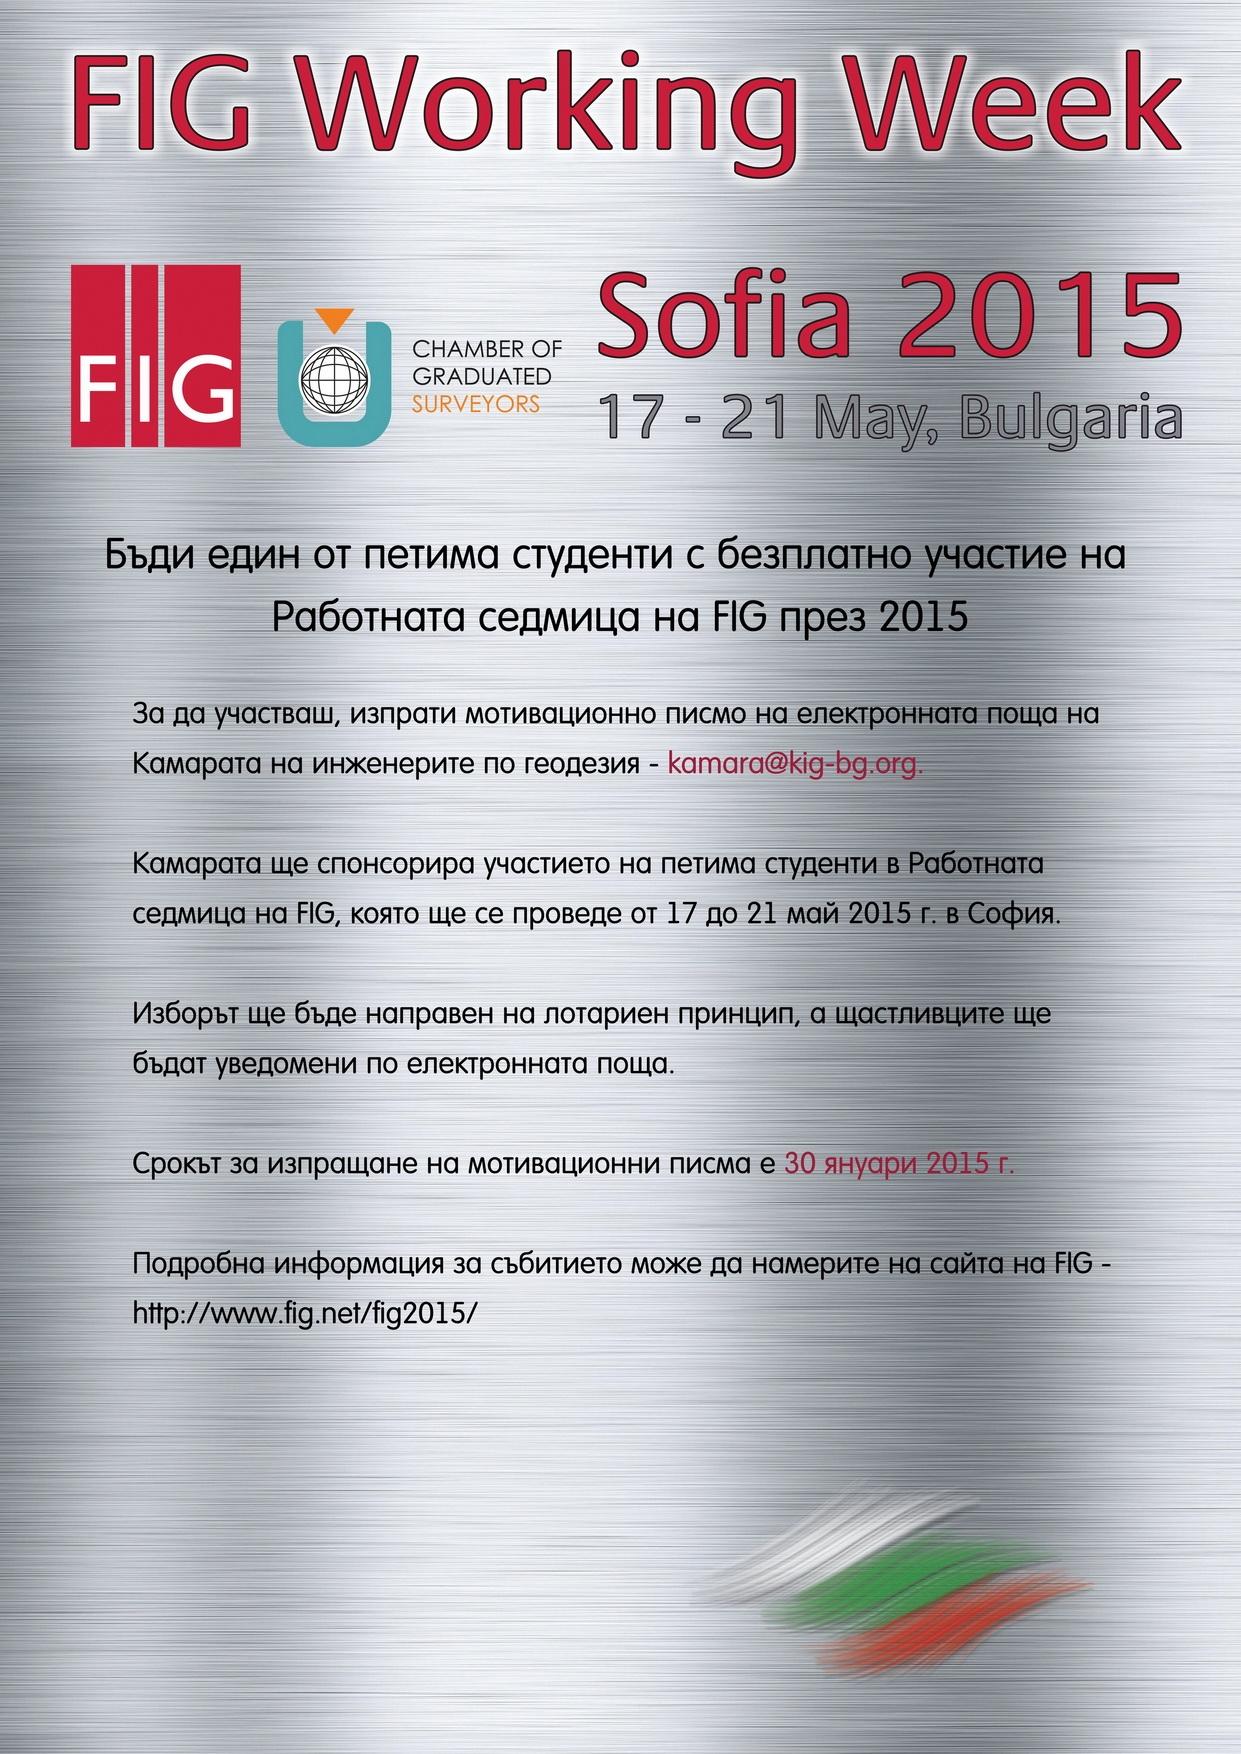 Петима студенти с безплатно участие на Работната седмица на FIG през 2015